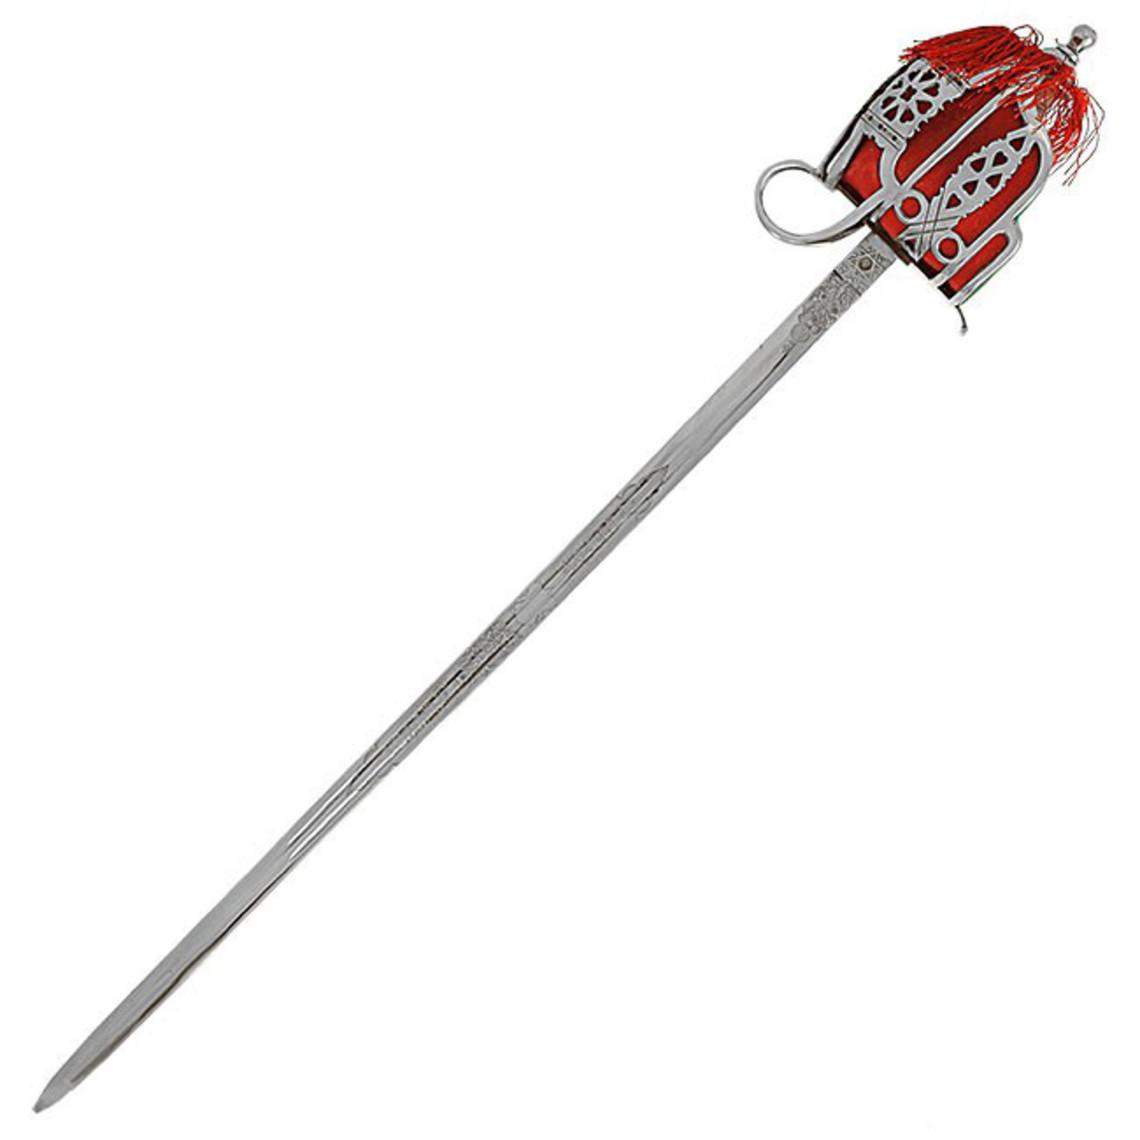 Universal Swords Basket hilted zwaard Highland Officers